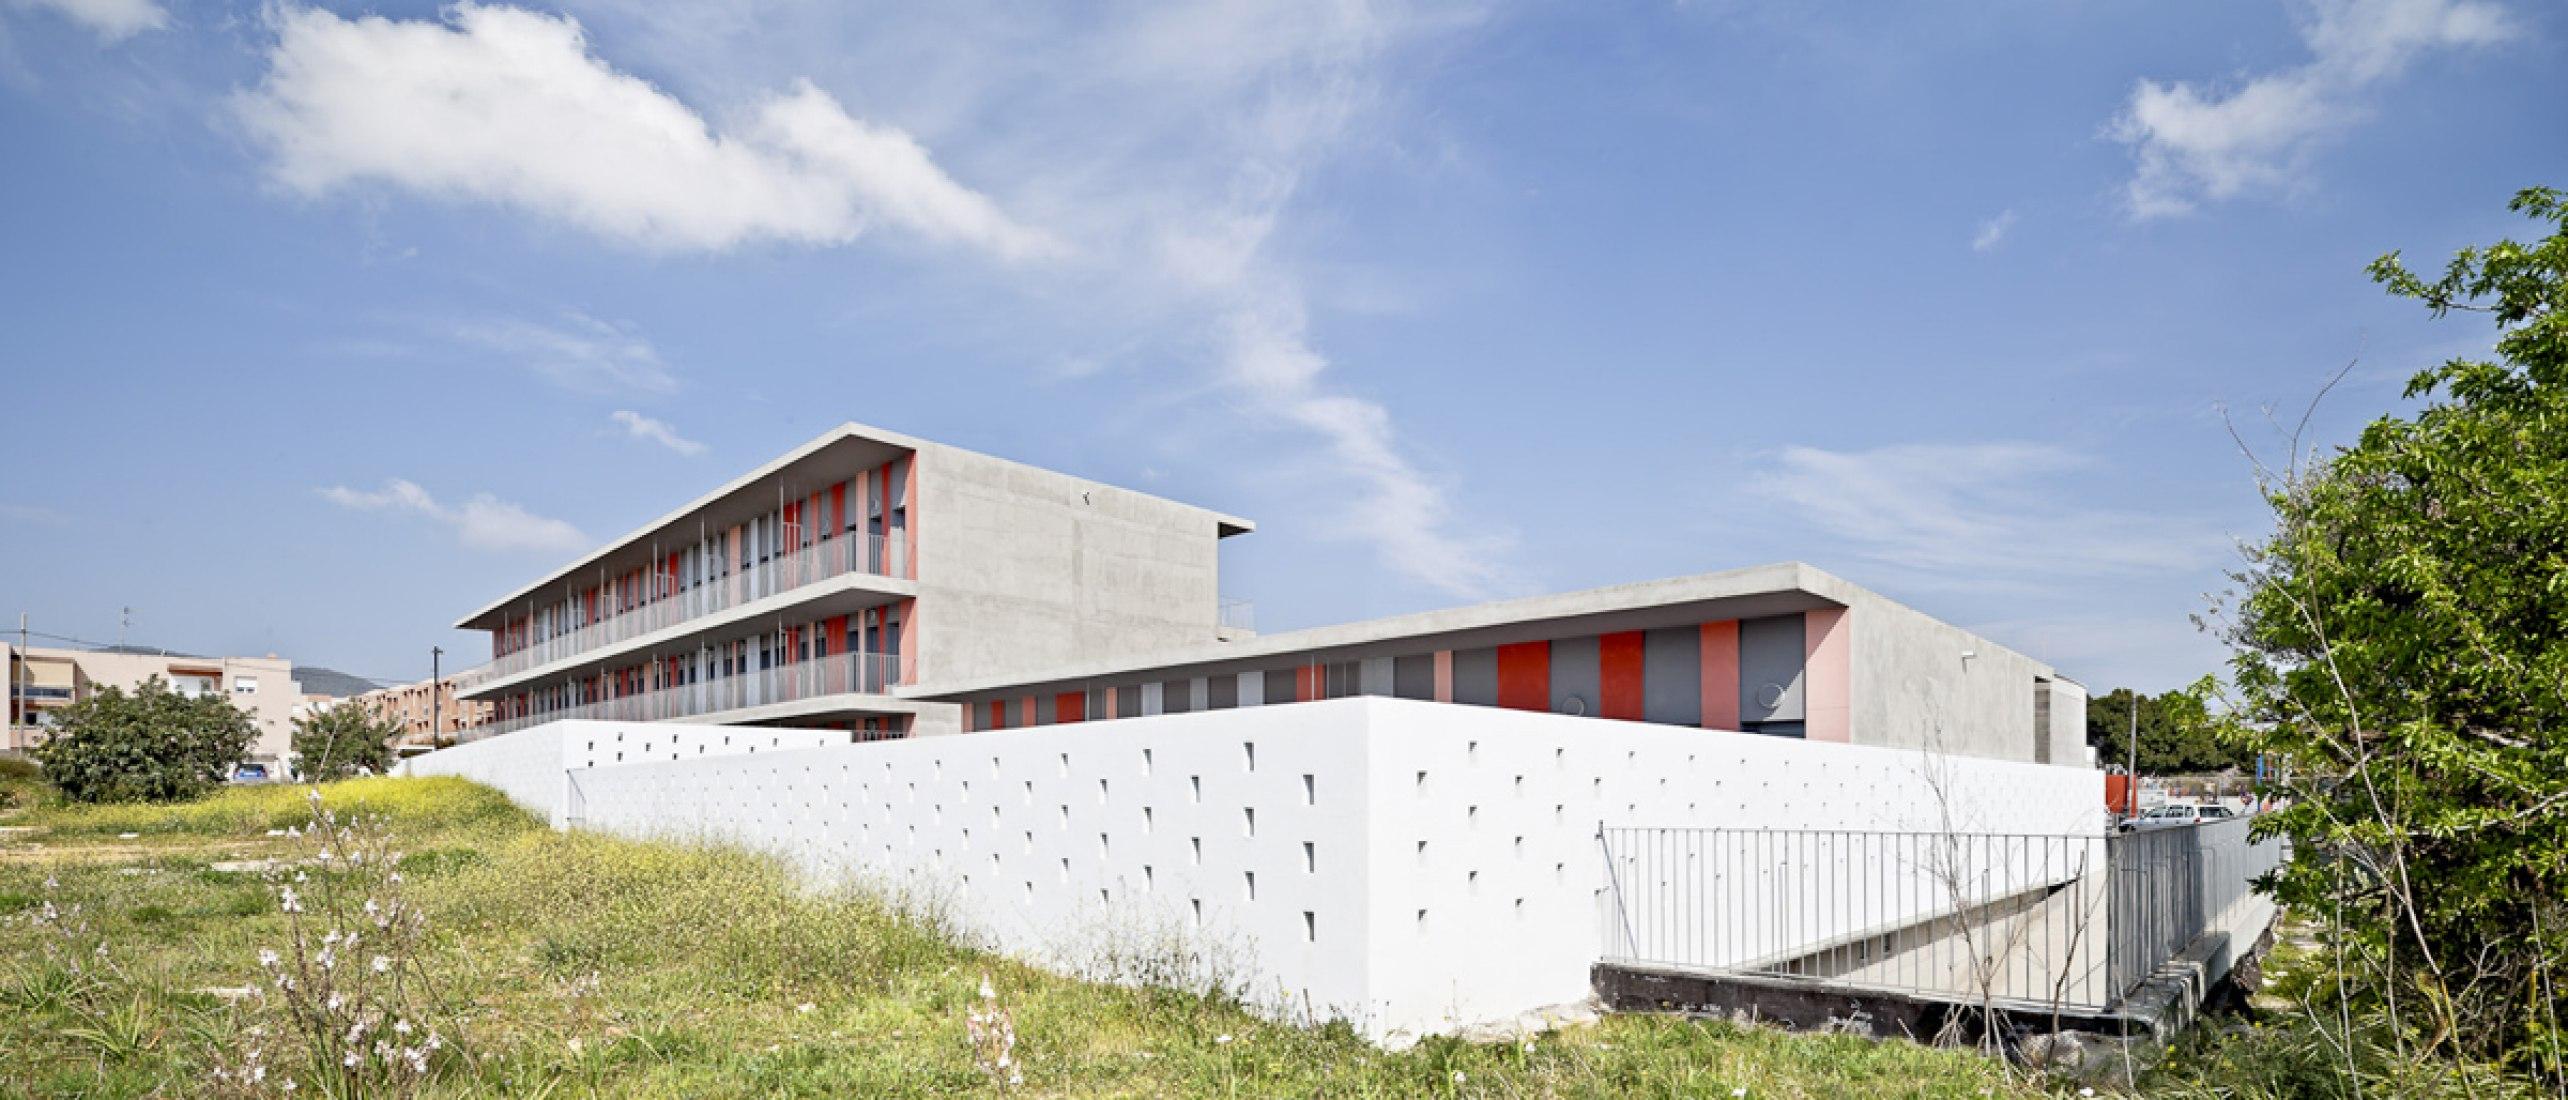 Fachadas laterales. 30 Viviendas de Protección Oficial en Ibiza por Vora Arquitectura. Fotografía cortesía de © Adrià Goula.